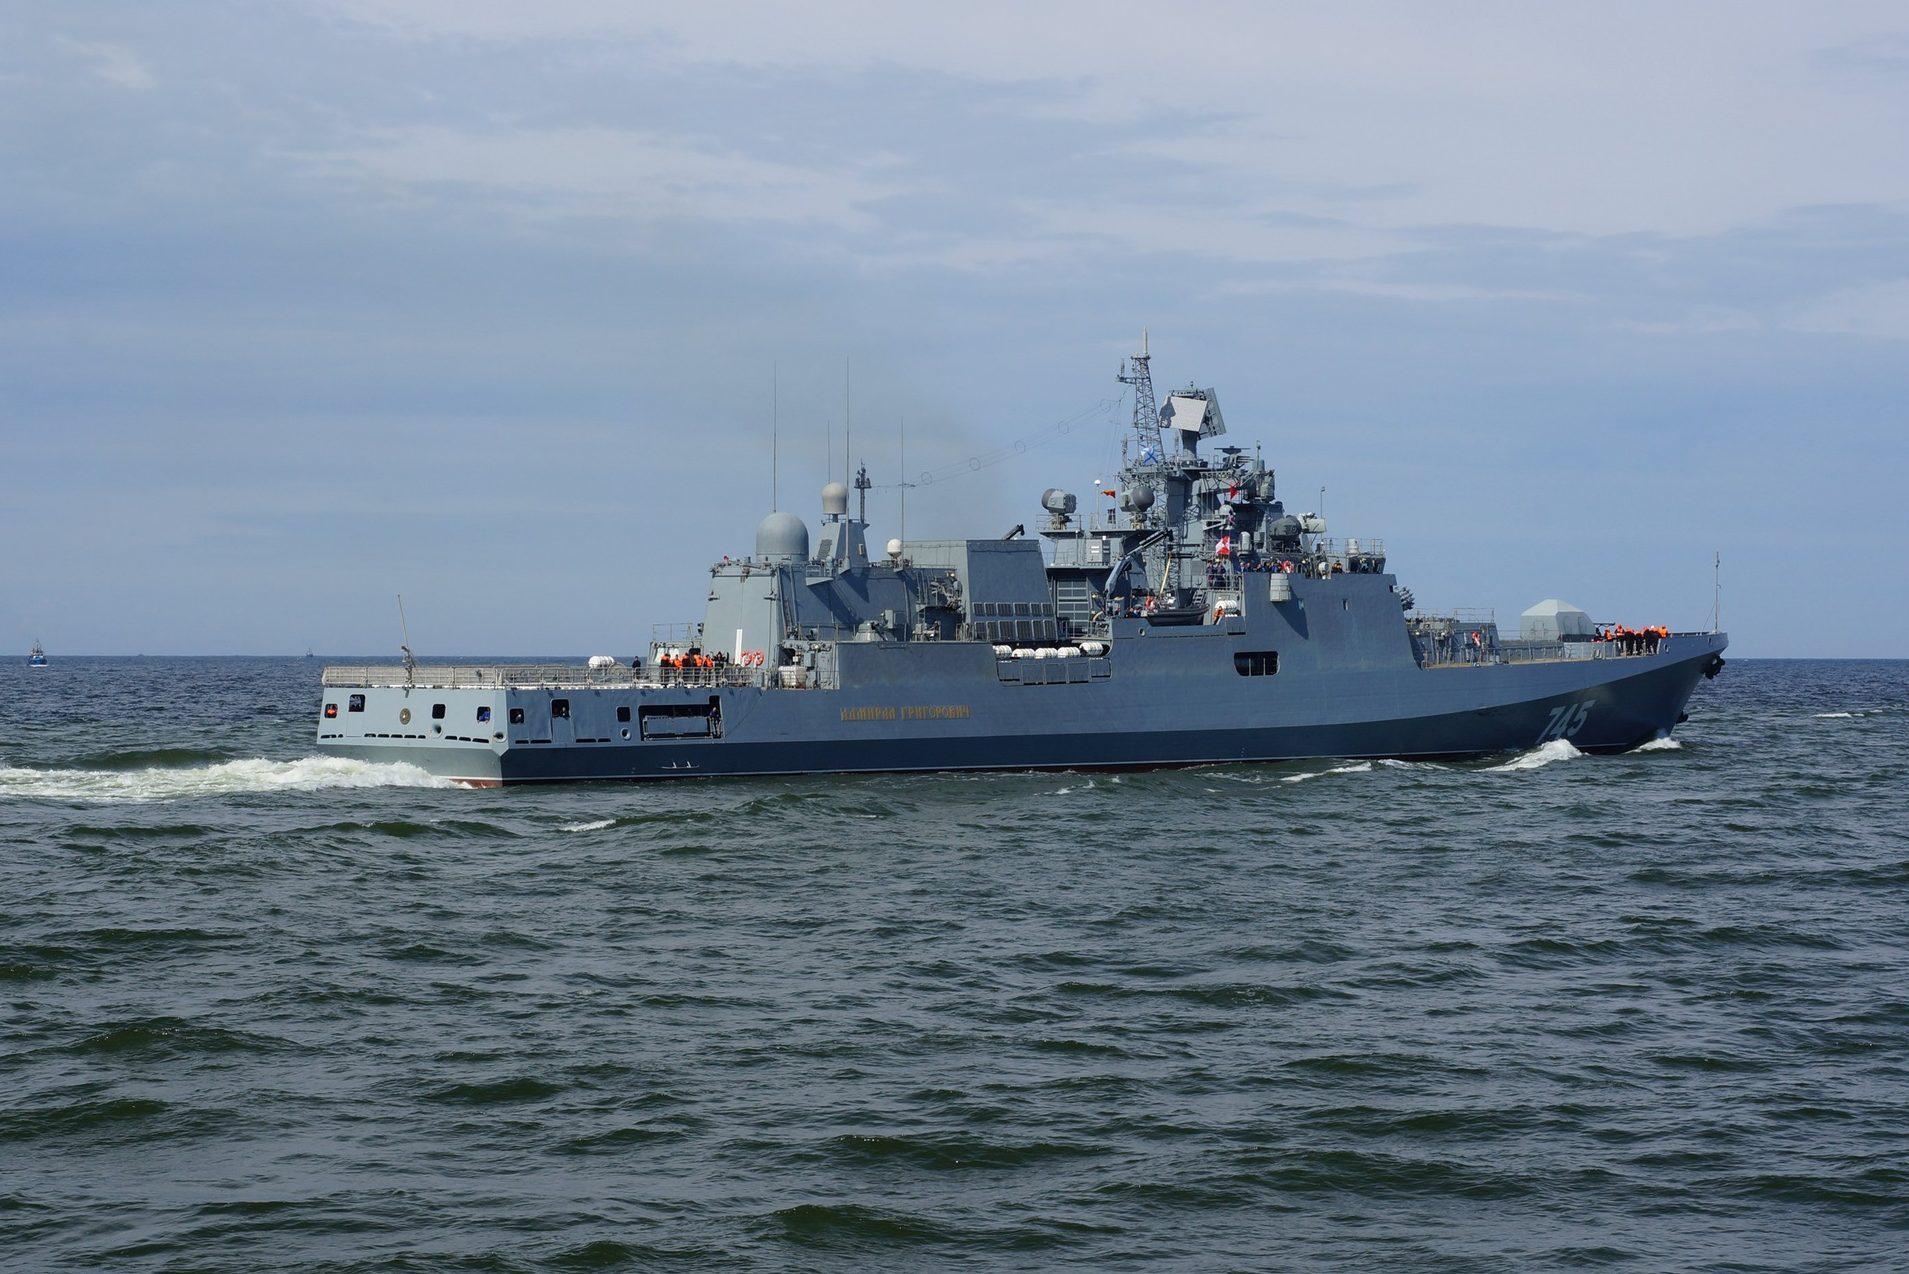 Браконьеры наловили в Черном море крабов на 24 млн грн, - Госпогранслужба - Цензор.НЕТ 821